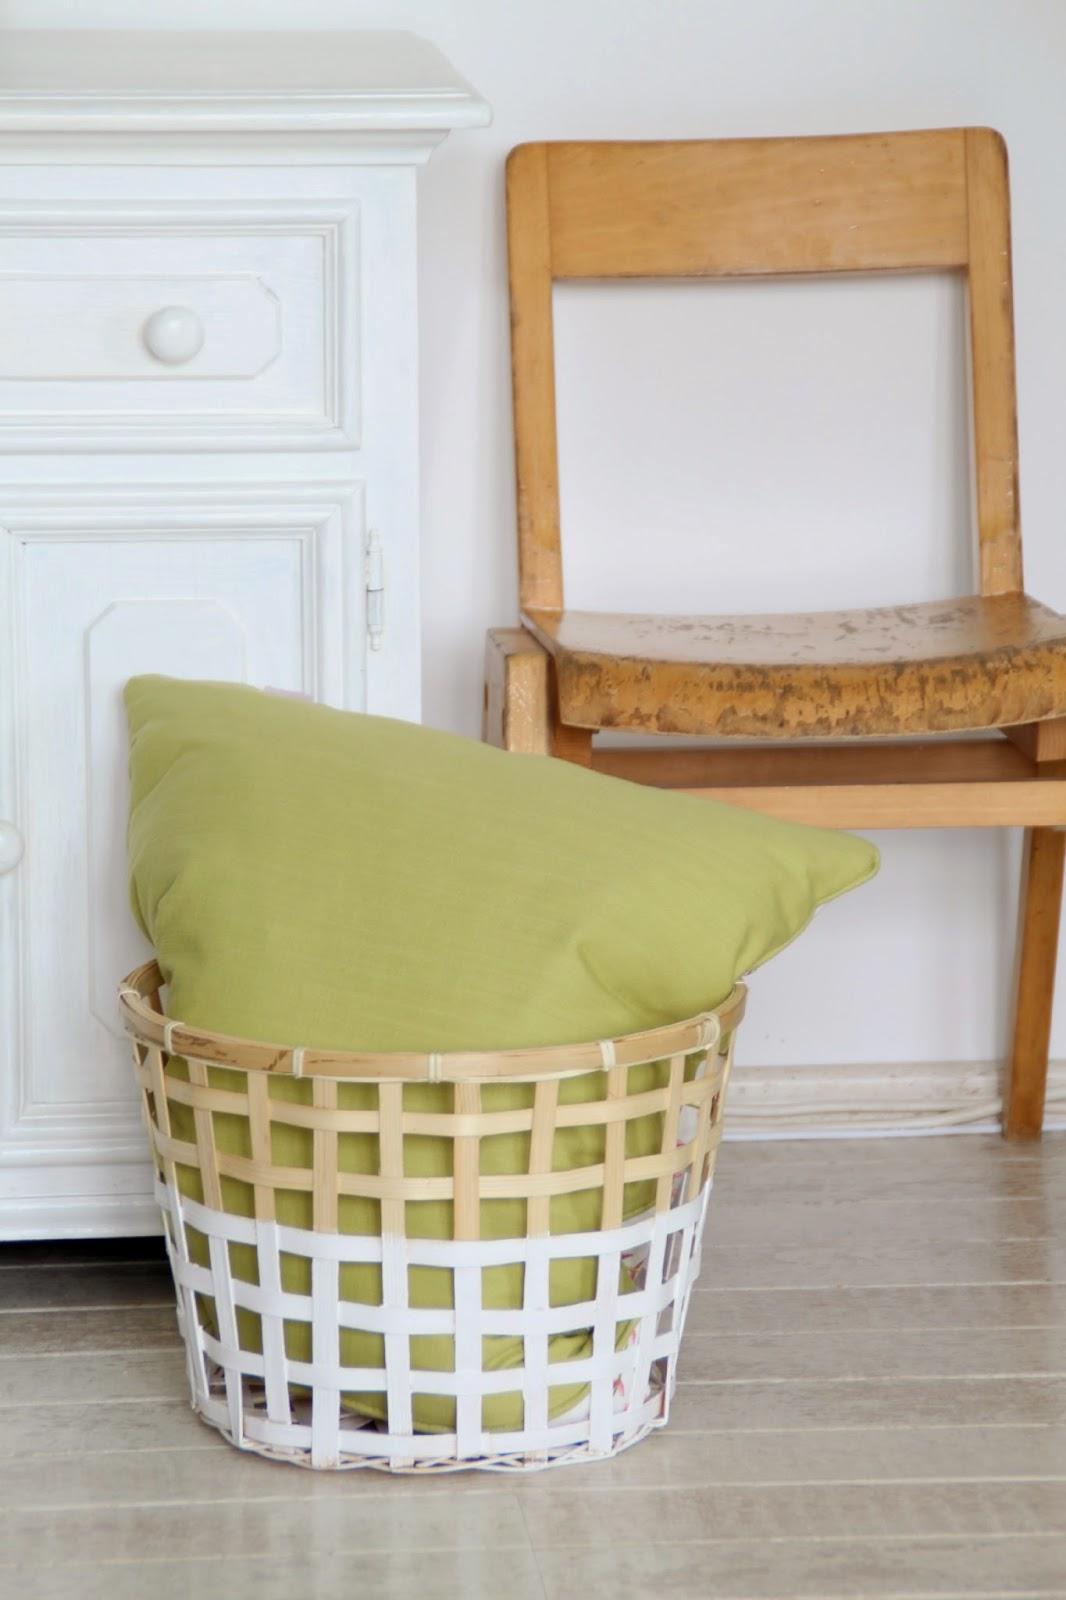 Stilleben mit altem Kinderstuhl und Ikea Gaddis Korb mit grünem Kissen